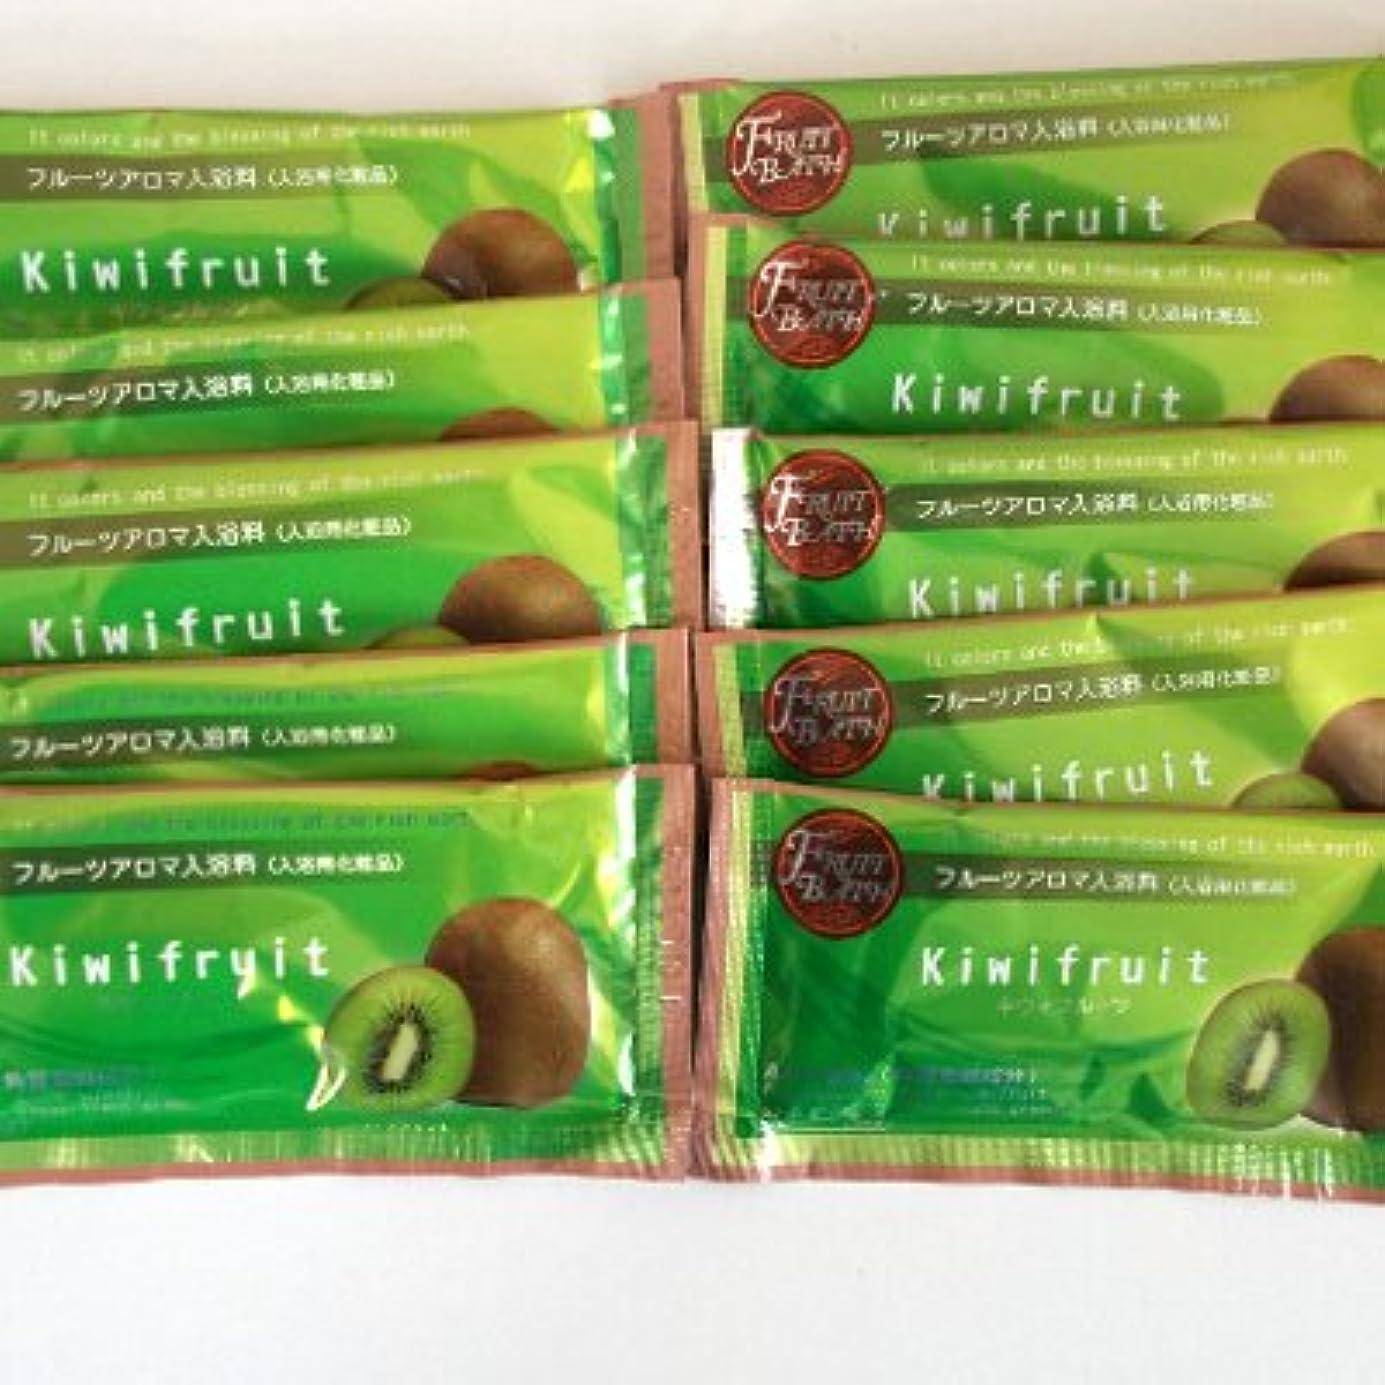 ナンセンス自己唯一フルーツアロマ入浴剤 キウイフルーツの香り 10包セット